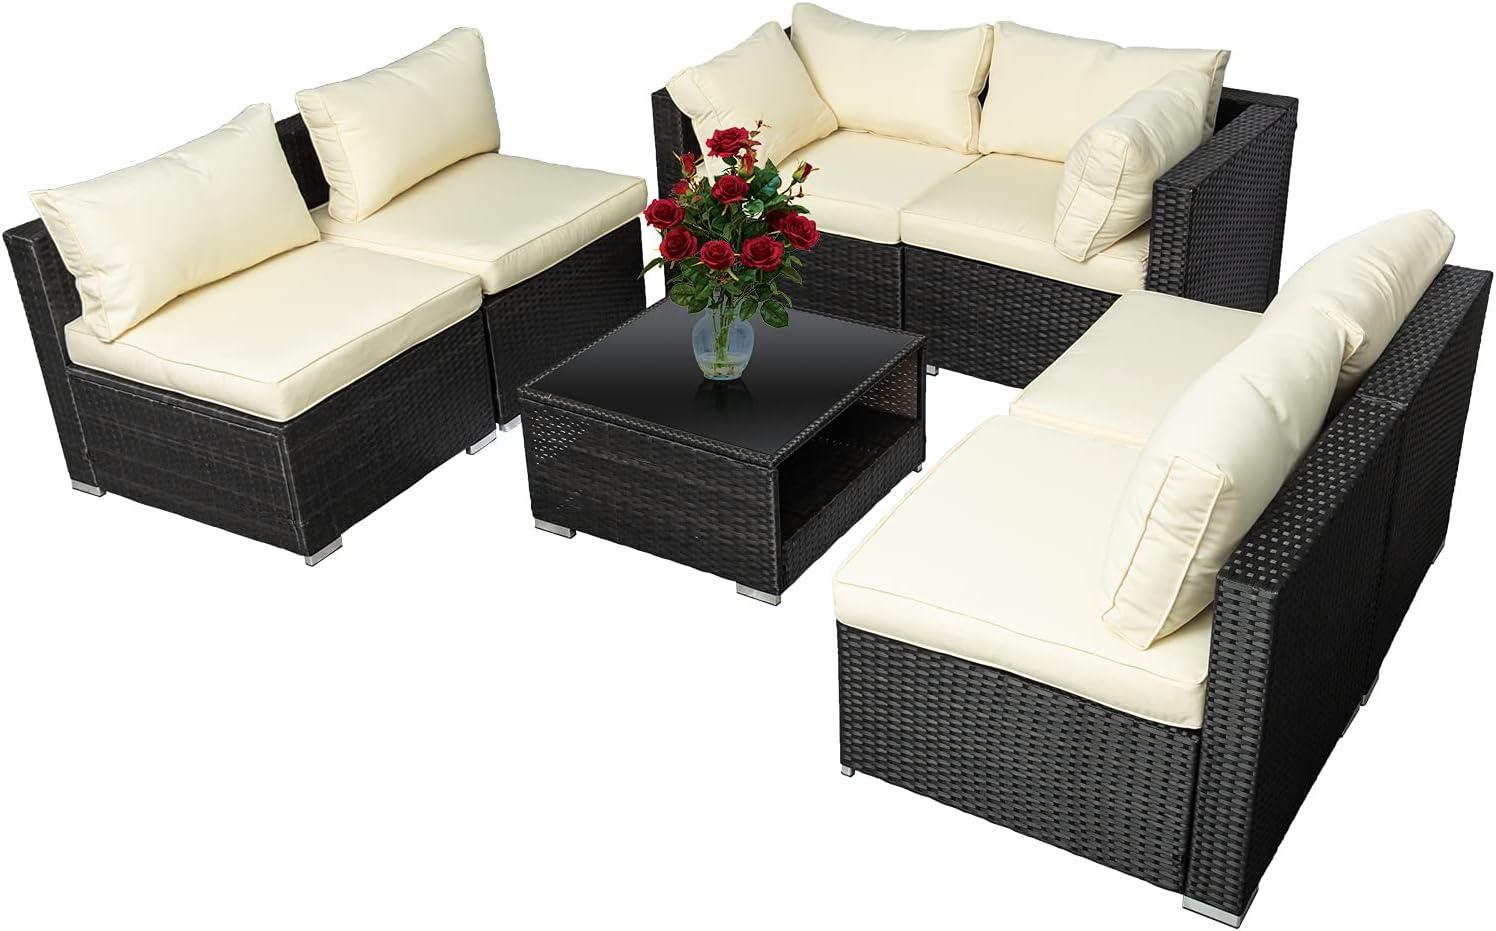 7 本店 Pieces Outdoor Patio Furnitu Wicker Sofa Rattan お値打ち価格で